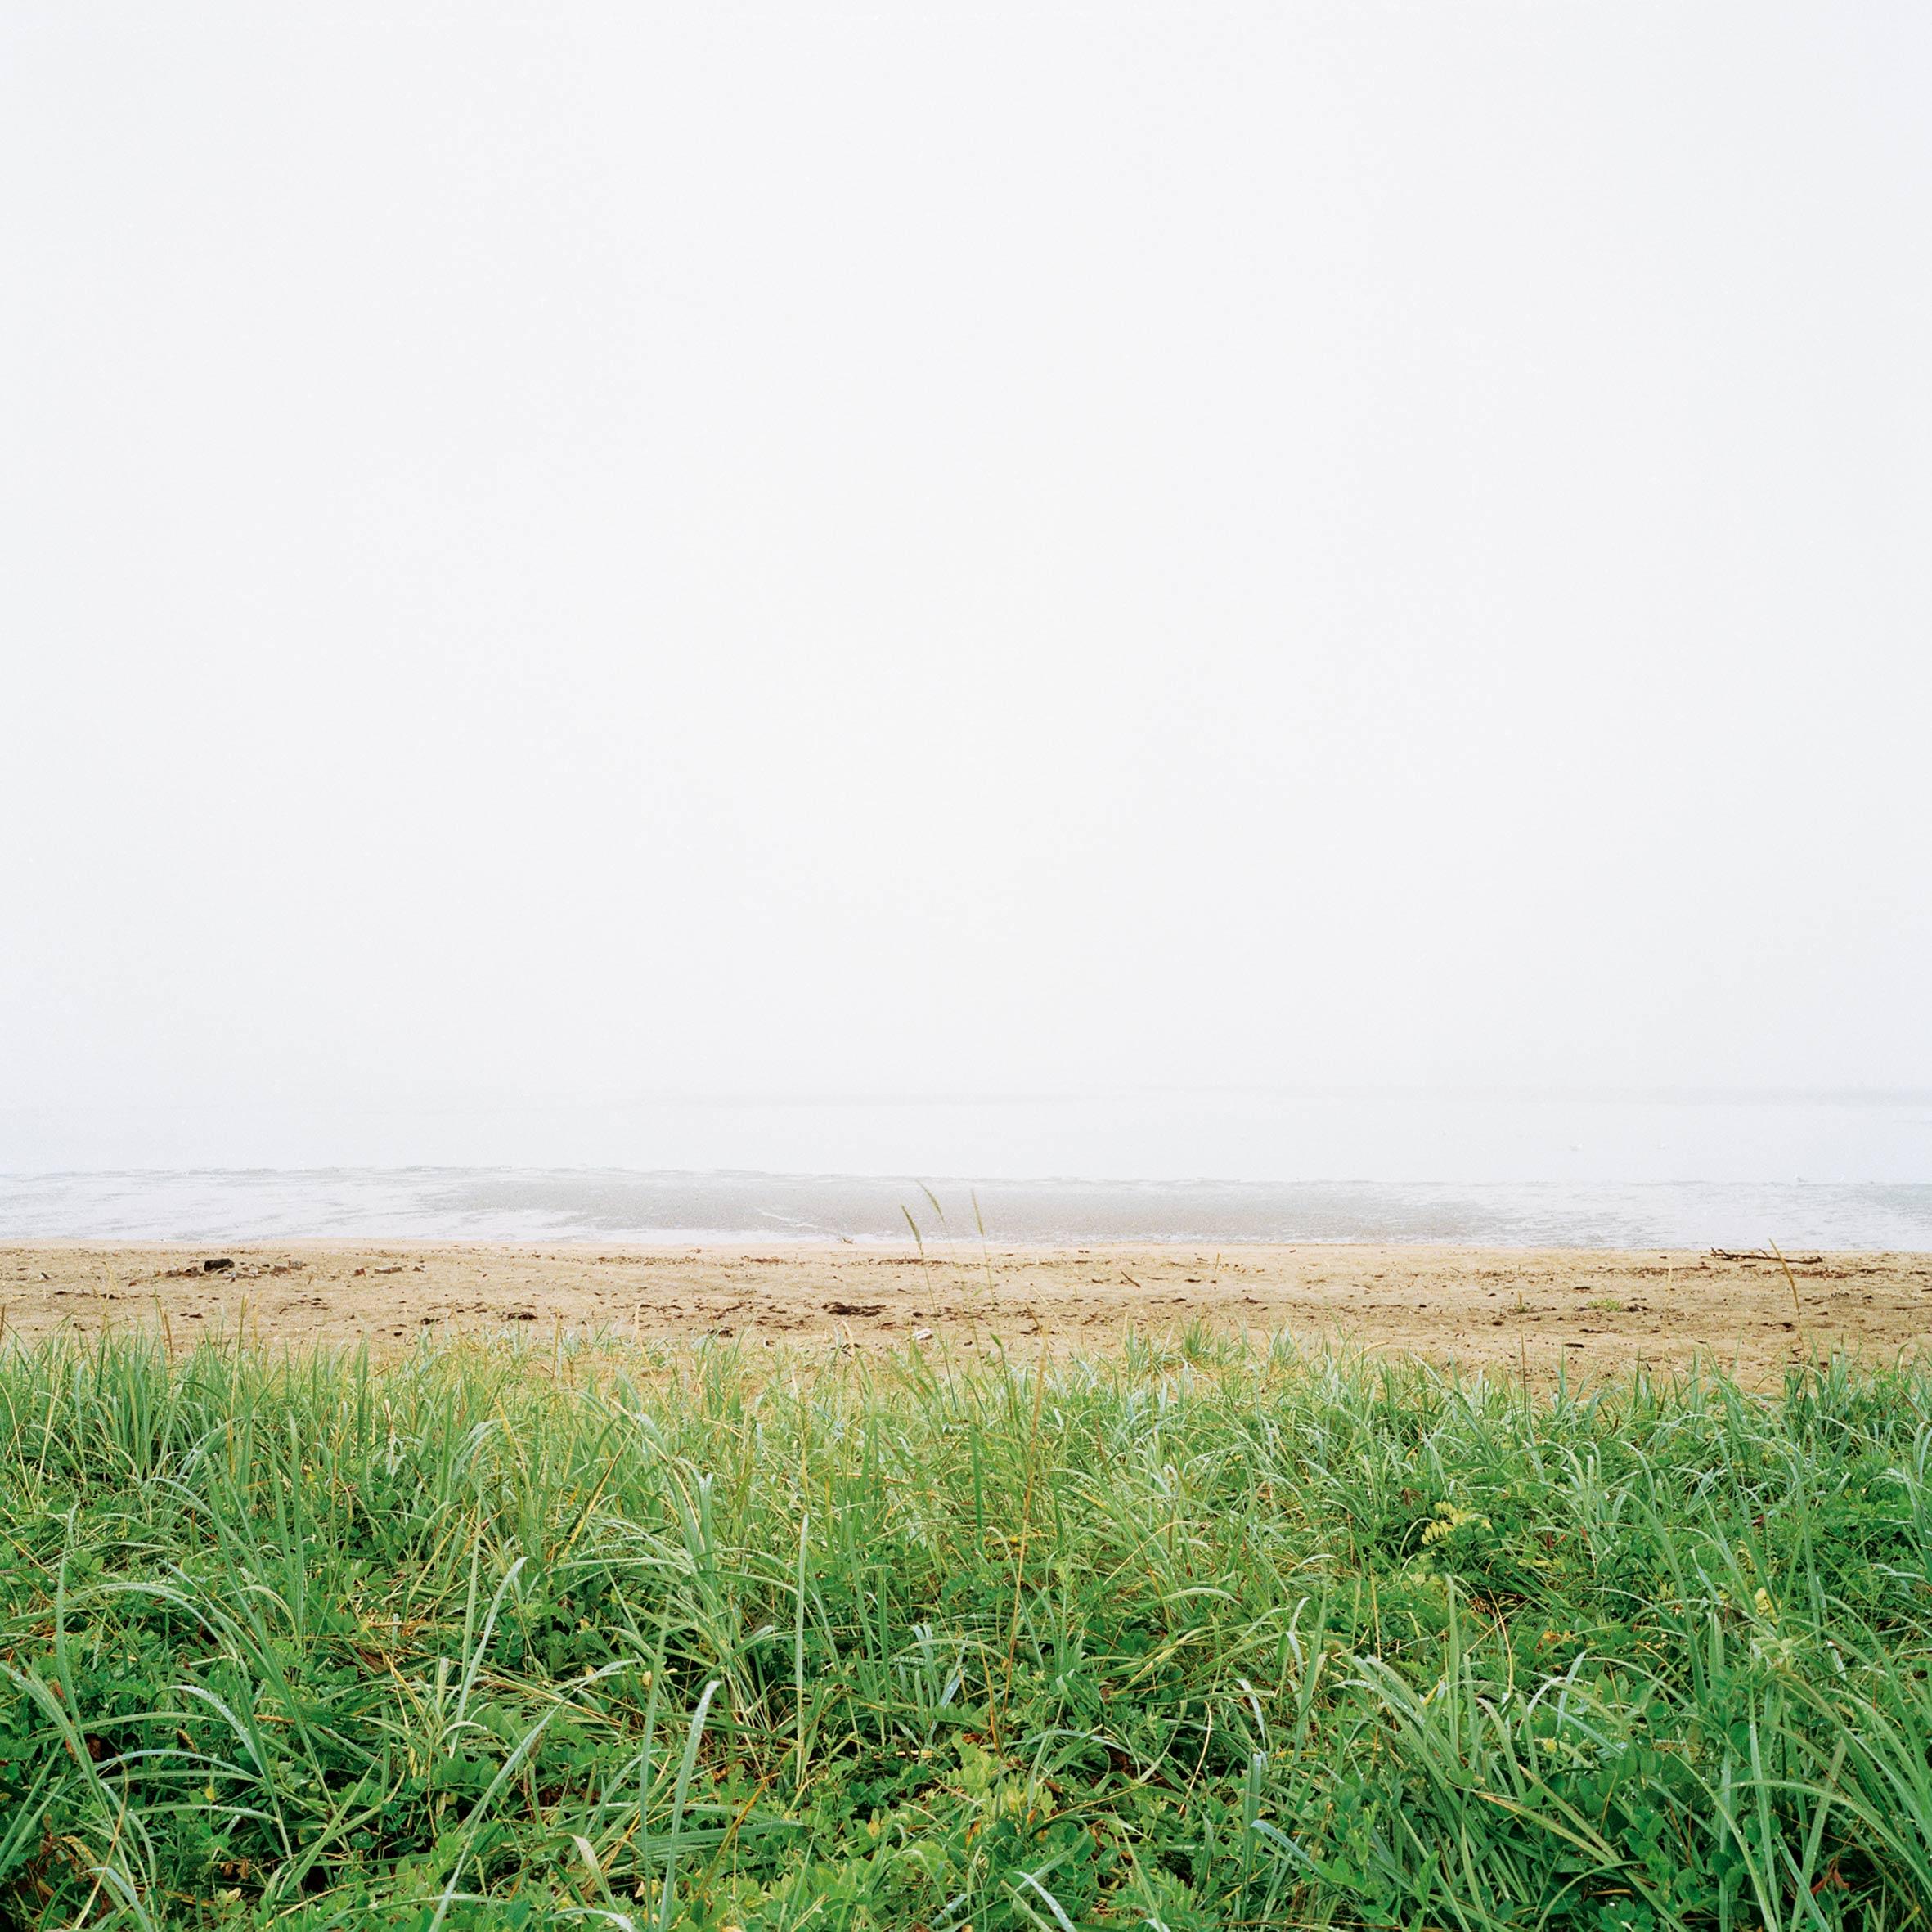 marcher créer, périple autobiographique, territoire du Labrador au Québec, paysage, paysage de campagne, herbe, mer, fleuve, eau